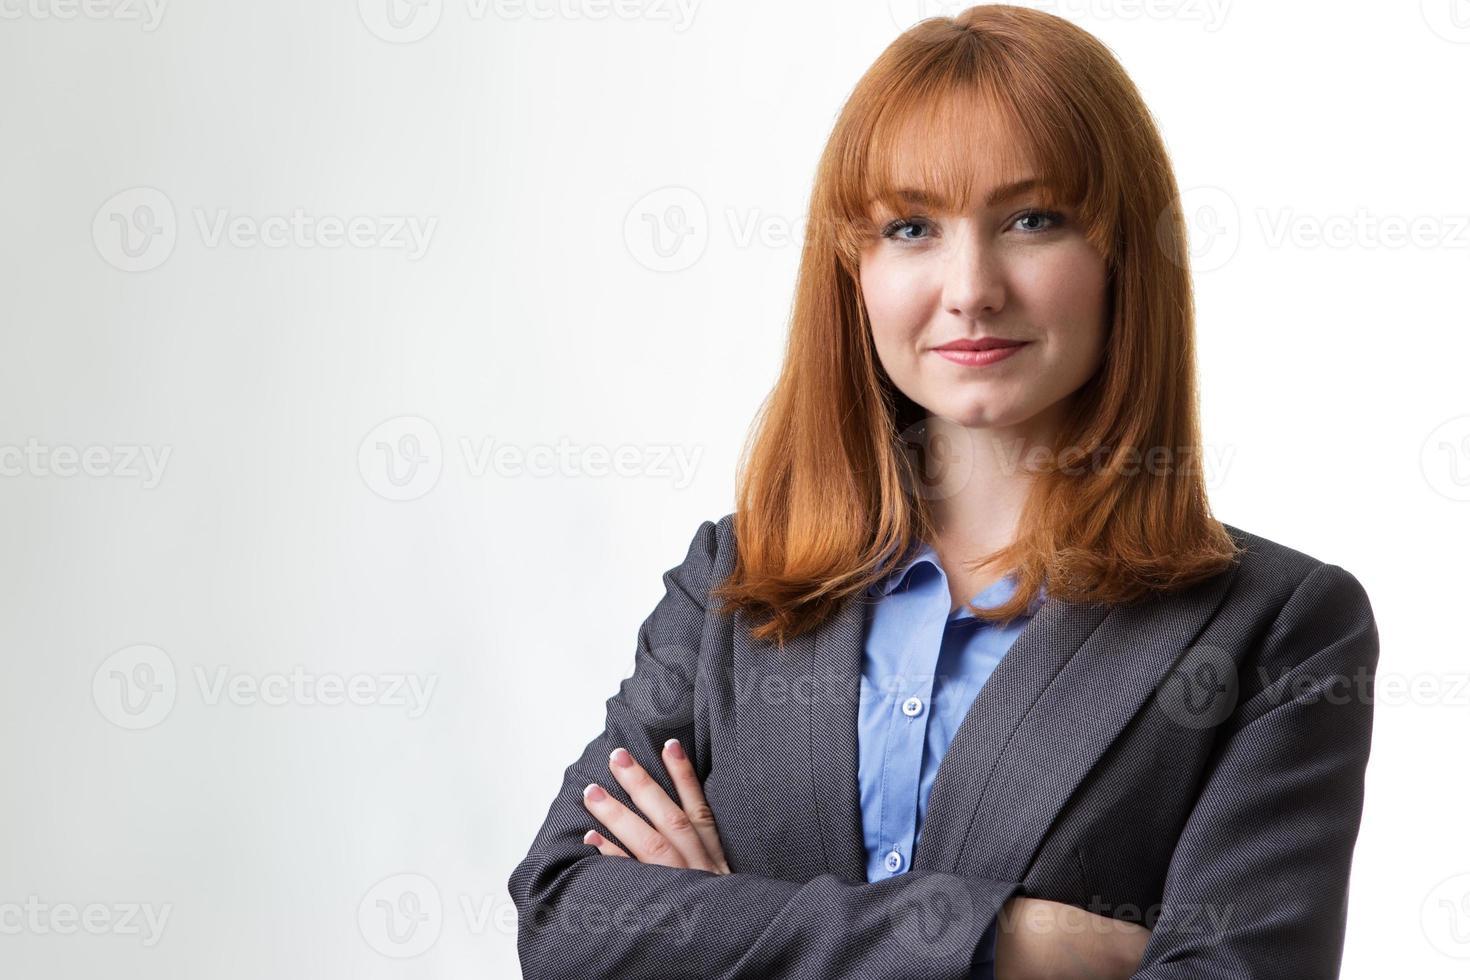 donna in affari foto